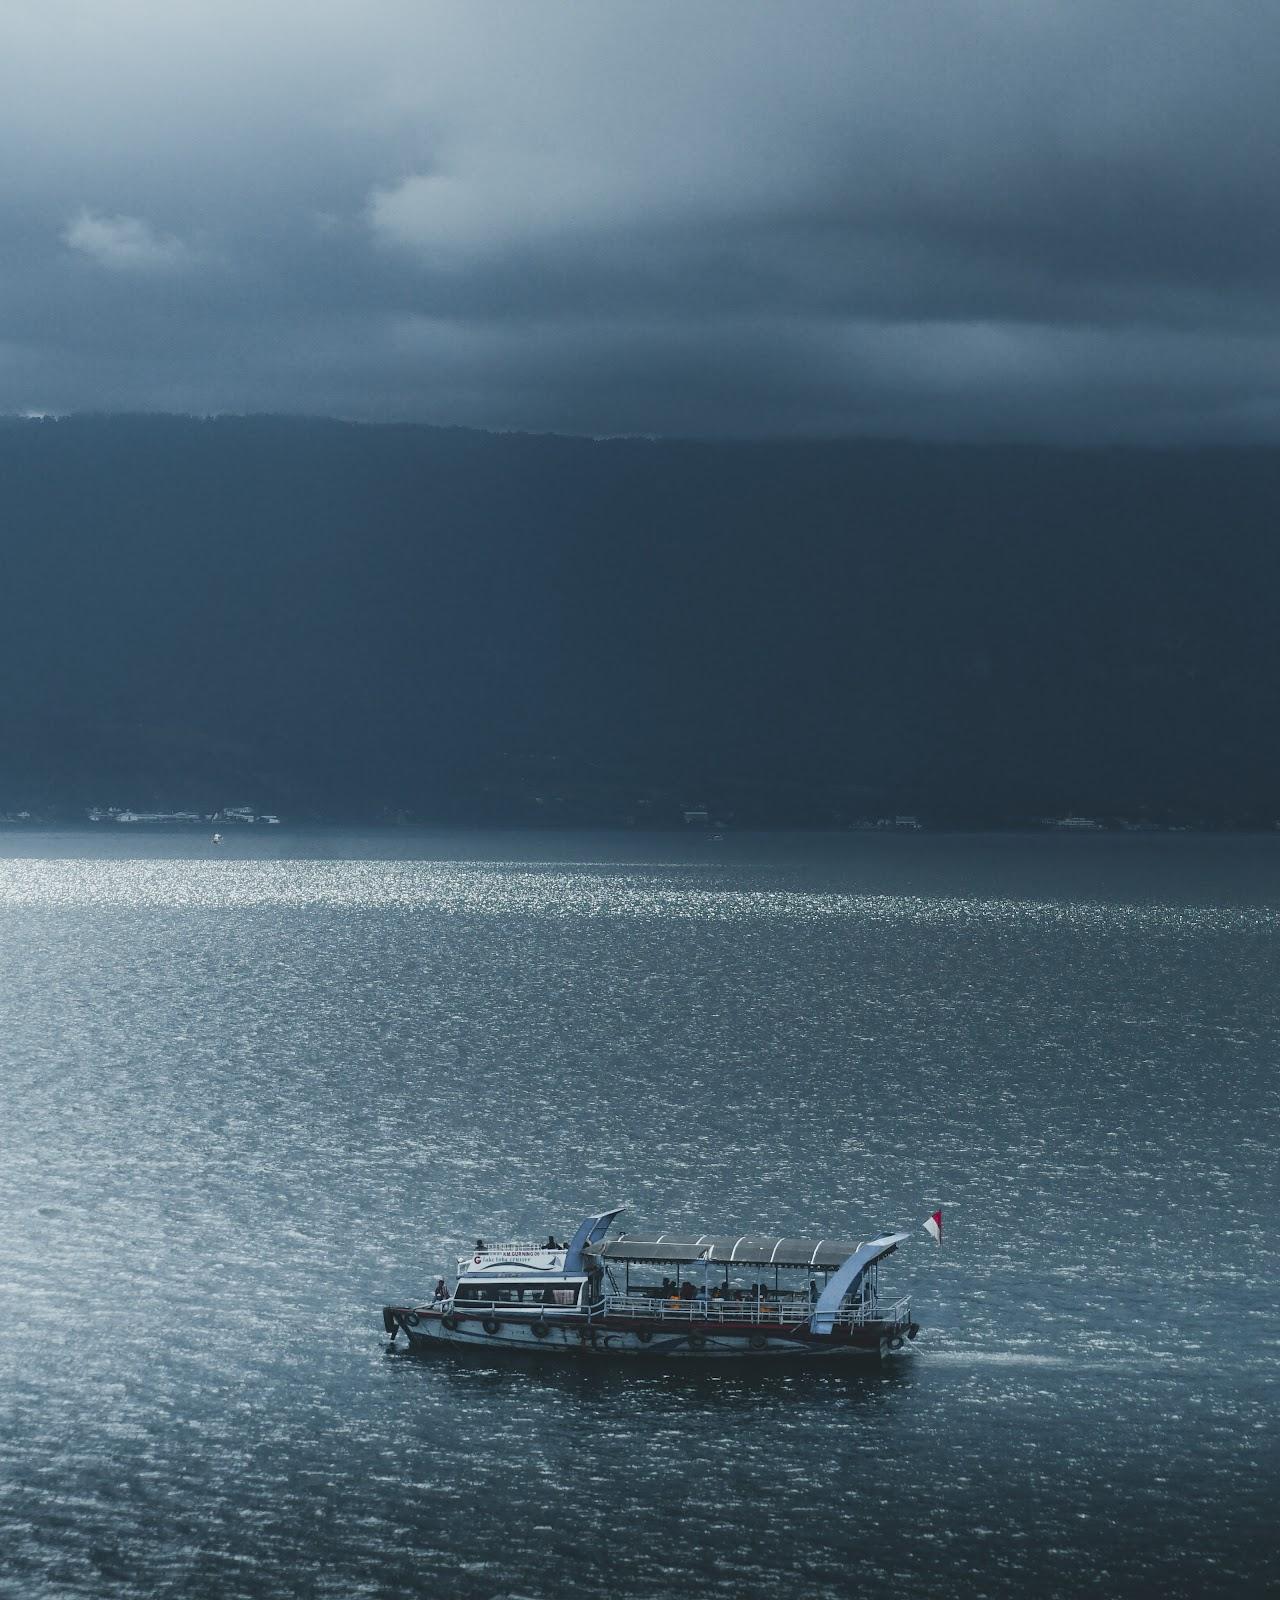 suhu air yang sangat dingin di danau toba